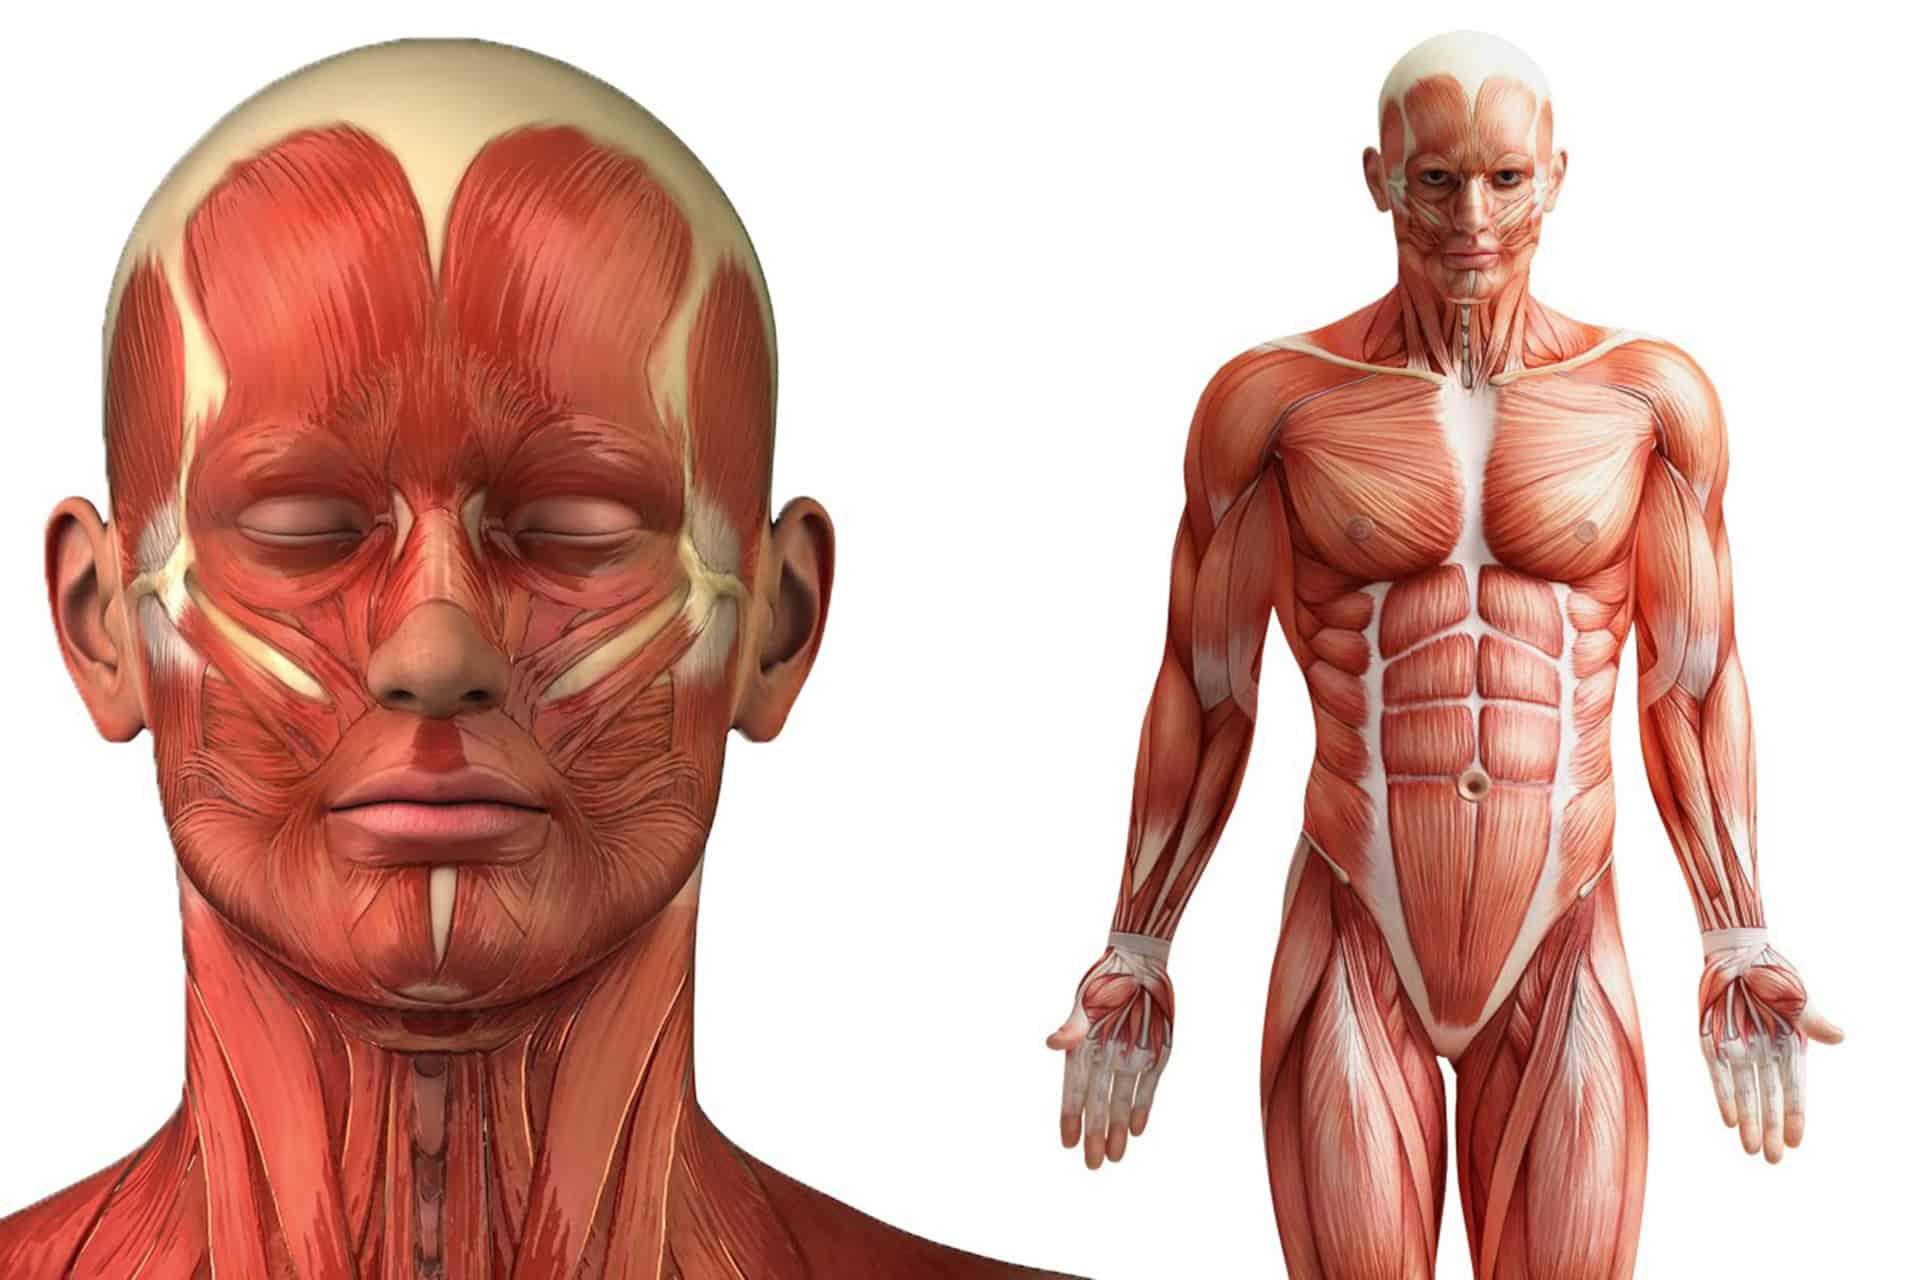 Cómo se contrae un músculo esquelético? – Curiosoando